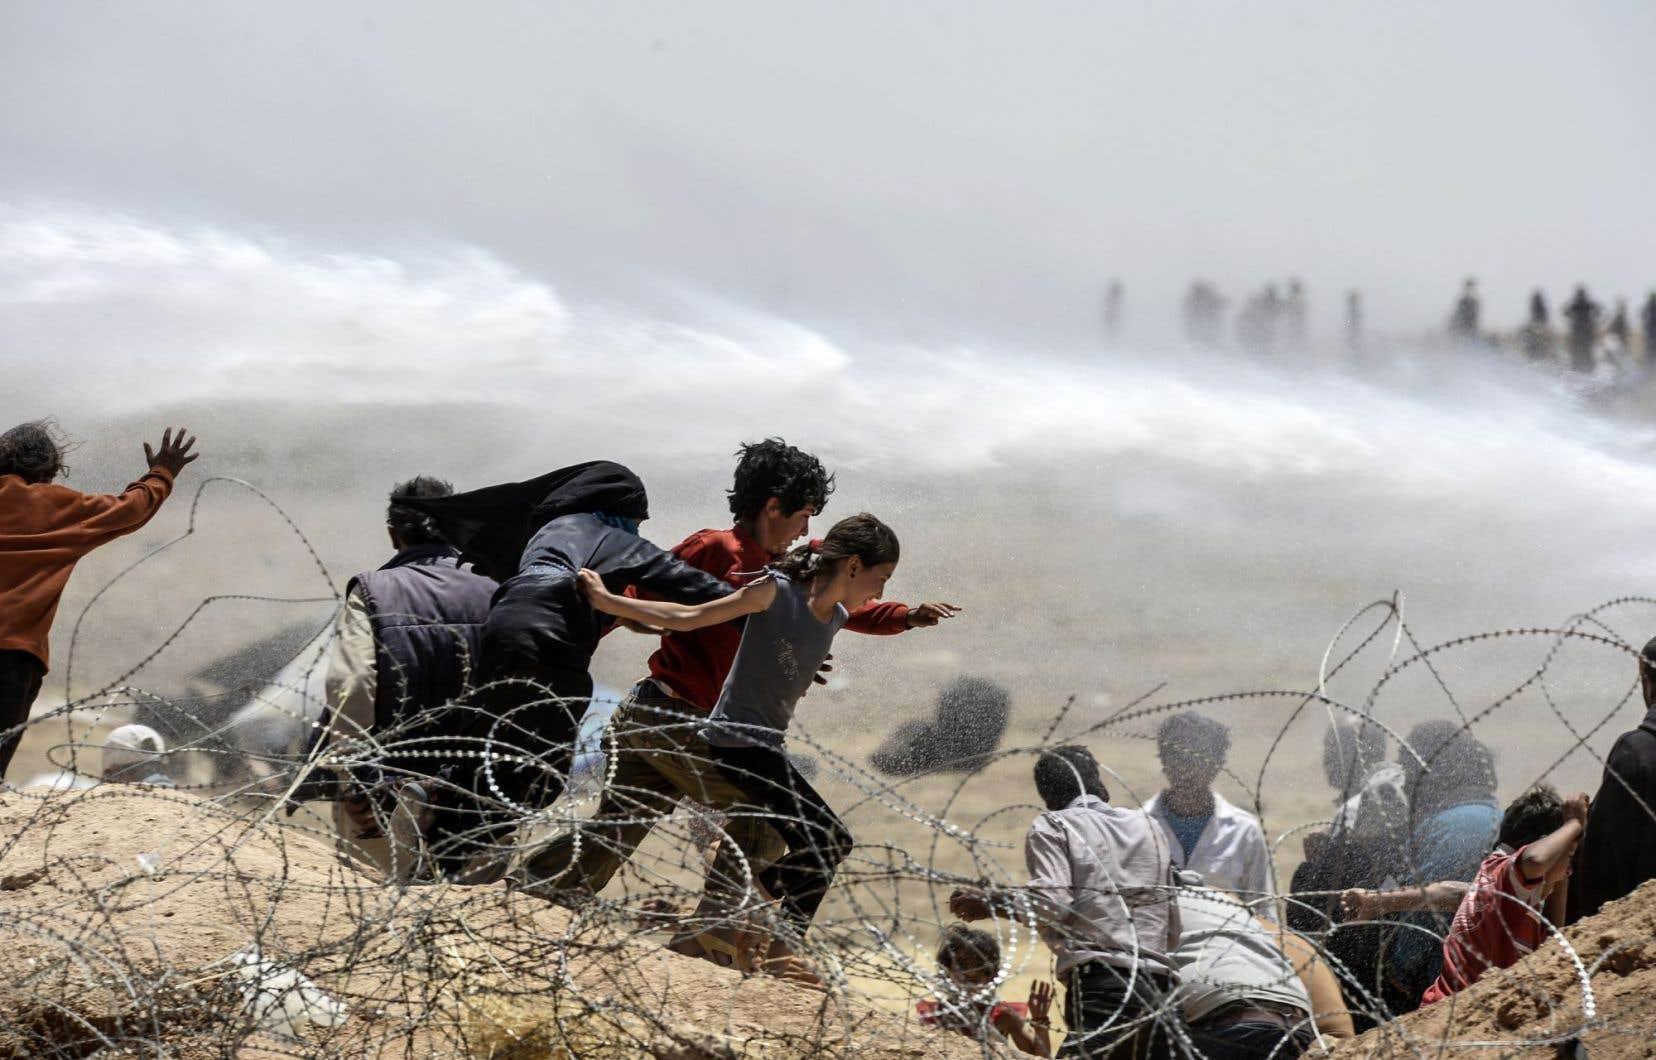 Des réfugiés syriens fuient les jets des canons à eau utilisés par l'armée turque presque quotidiennement pour les éloigner des clôtures de barbelés, à la frontière près de la ville syrienne de Tal Abyad.